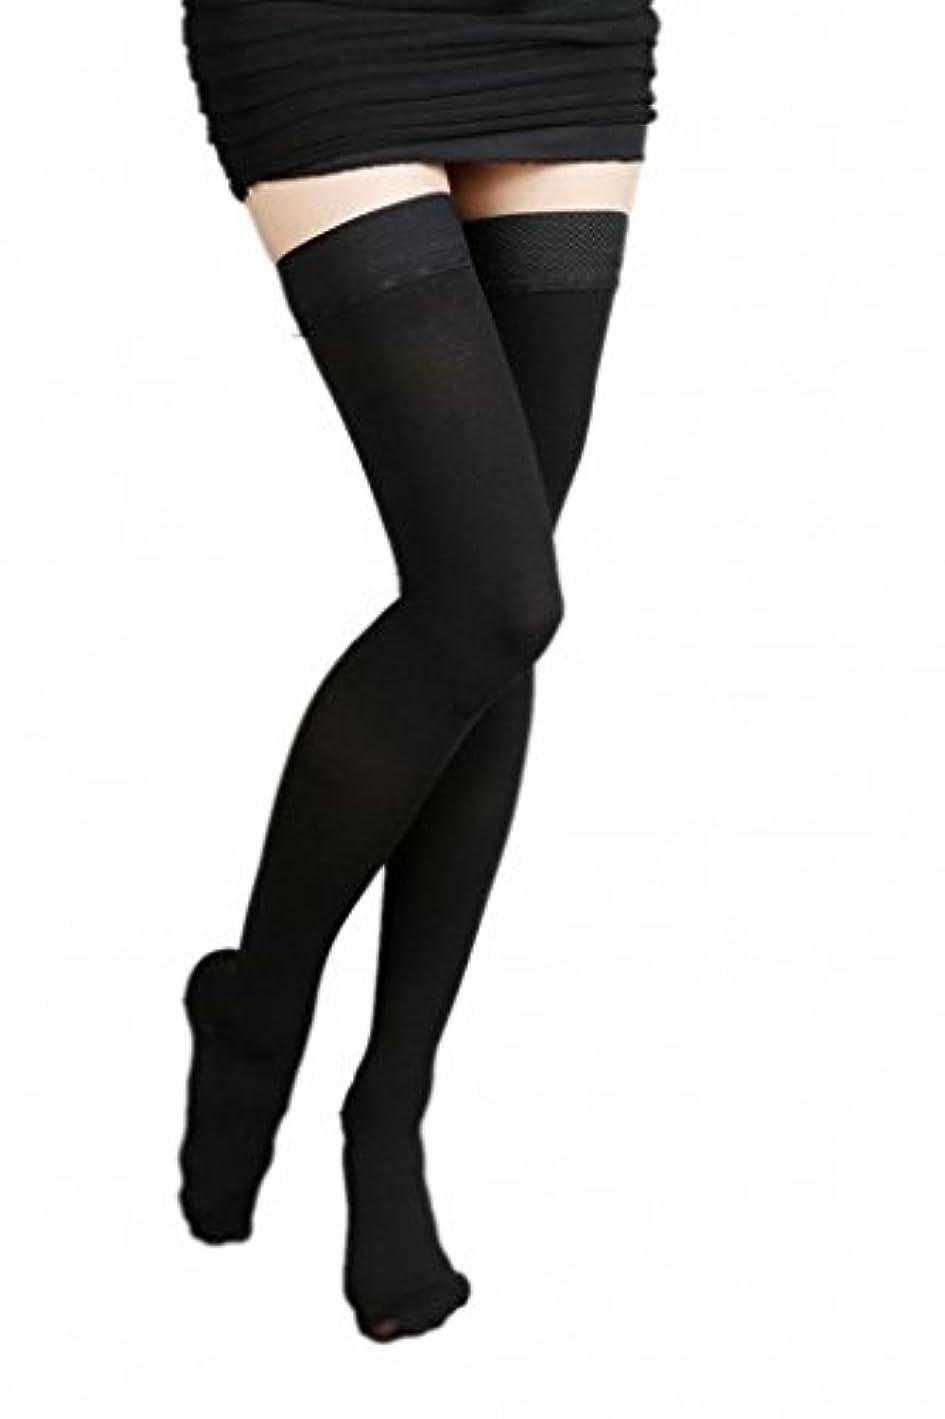 習字寮取り壊す(ラボーグ)La Vogue 美脚 着圧オーバーニーソックス ハイソックス 靴下 弾性ストッキング つま先あり着圧ソックス XL 3級強圧 黒色